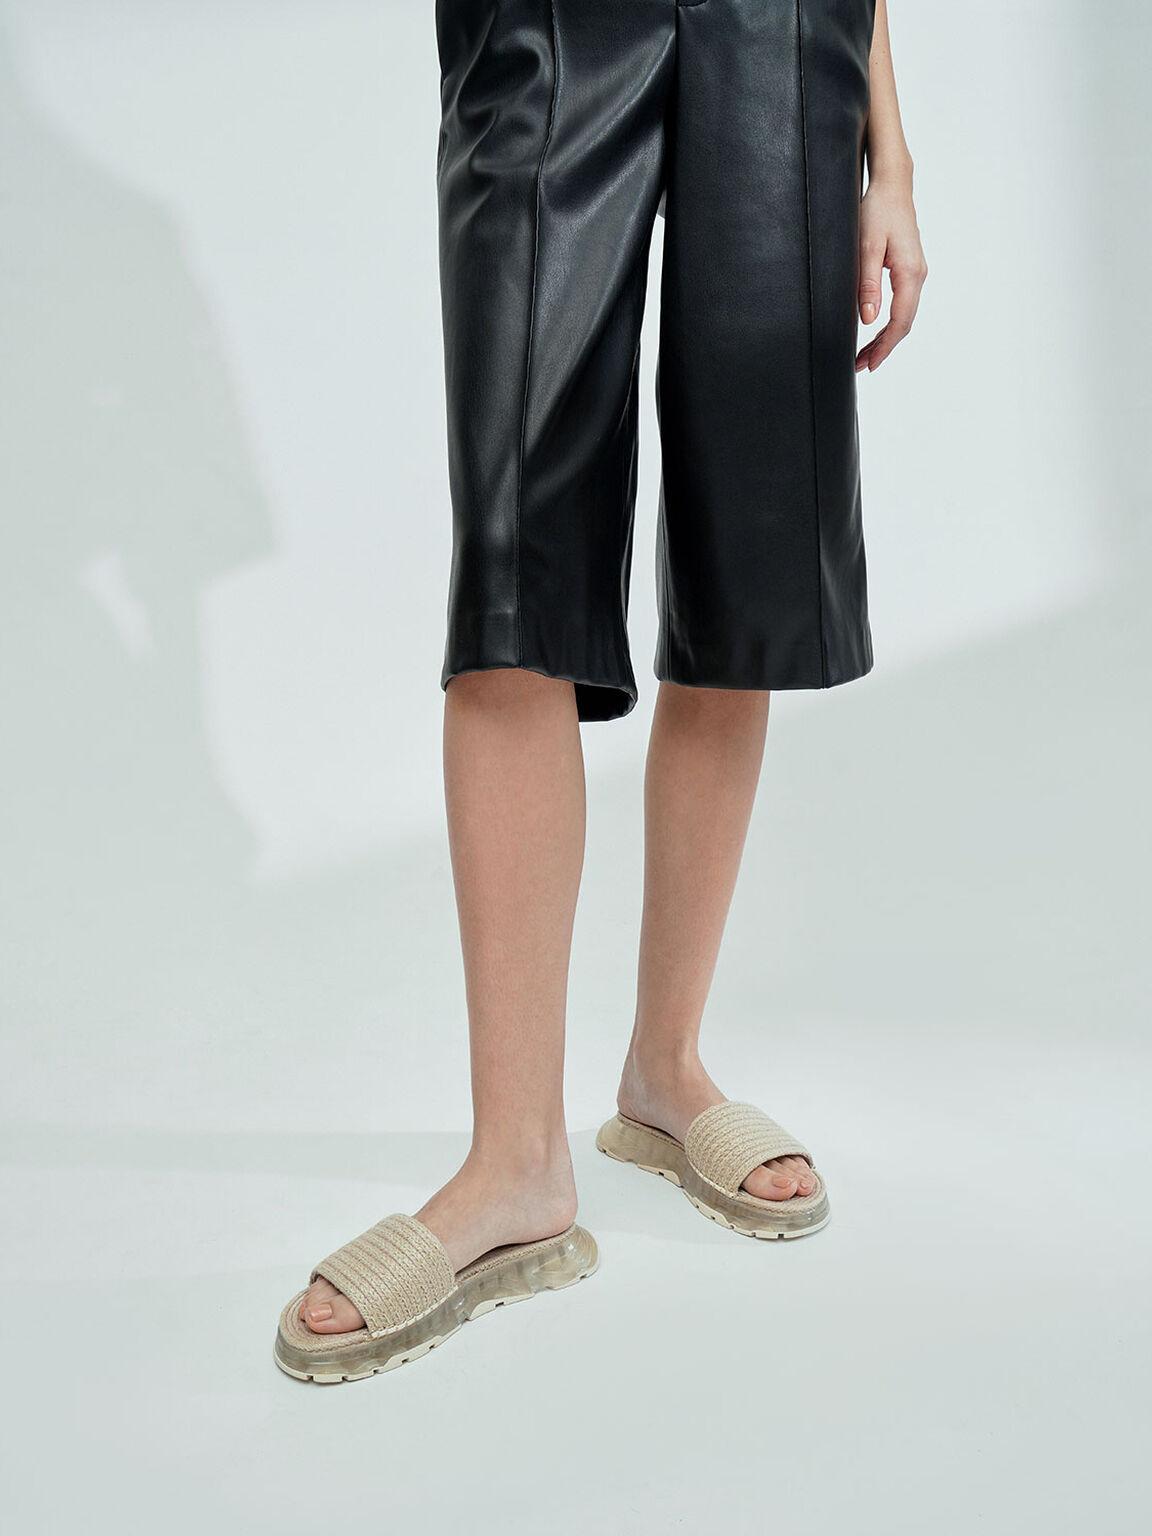 Espadrille Flatform Sandals, Cream, hi-res